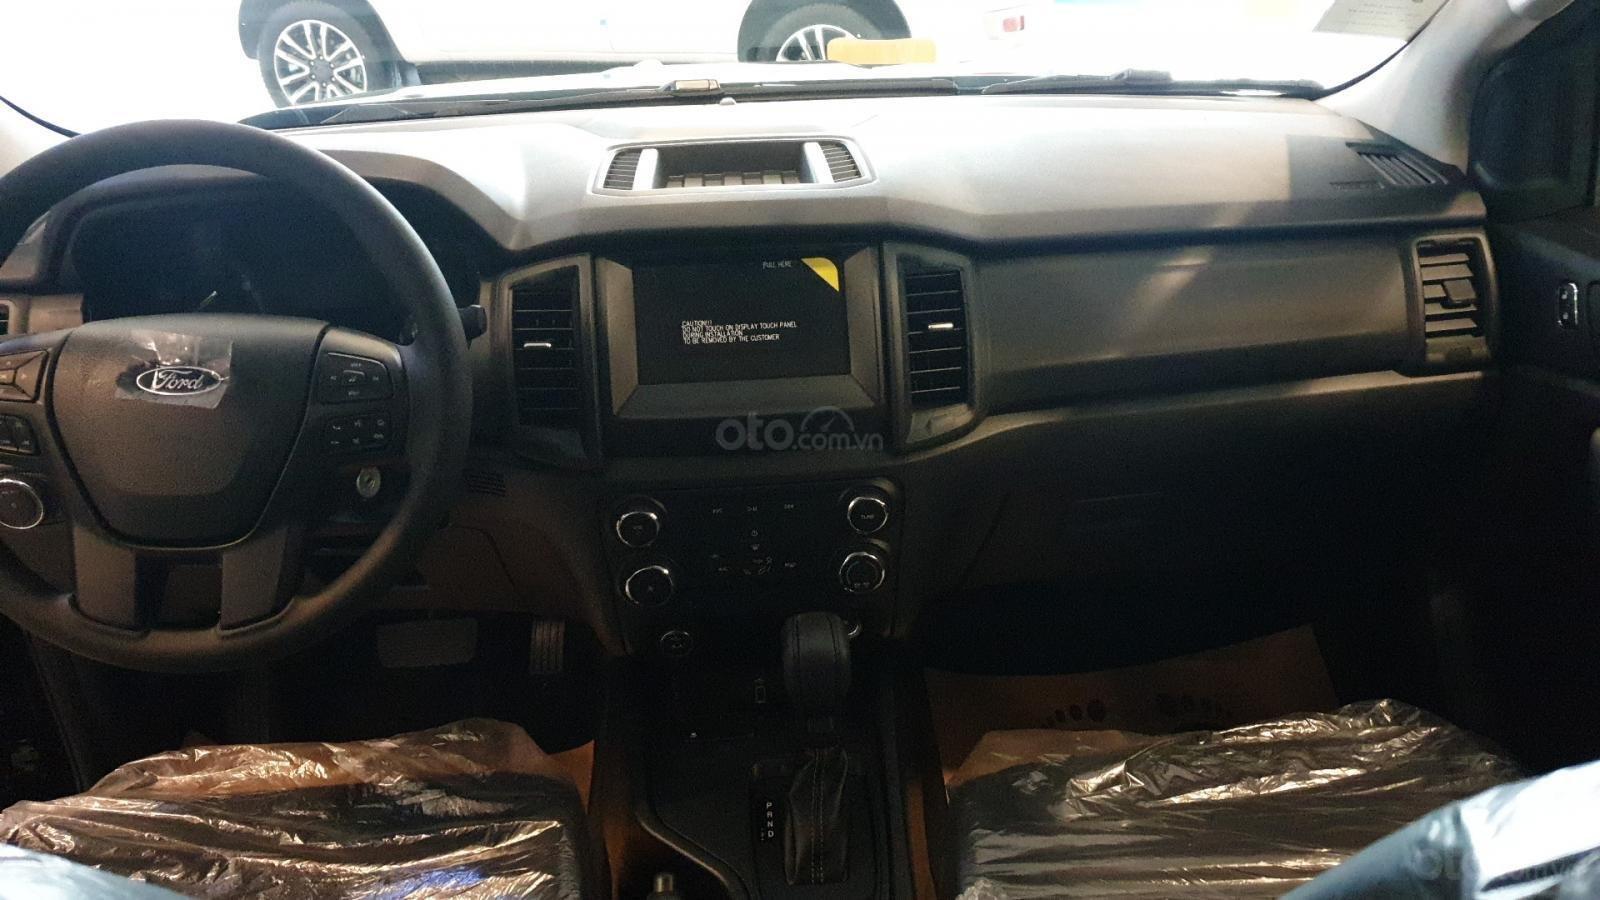 Ford Ranger XL, XLS, XLT, Wildtrak 2020 trả trước 160 triệu lấy xe ngay, giảm đến 70 triệu kèm nhiều phụ kiện hấp dẫn (10)